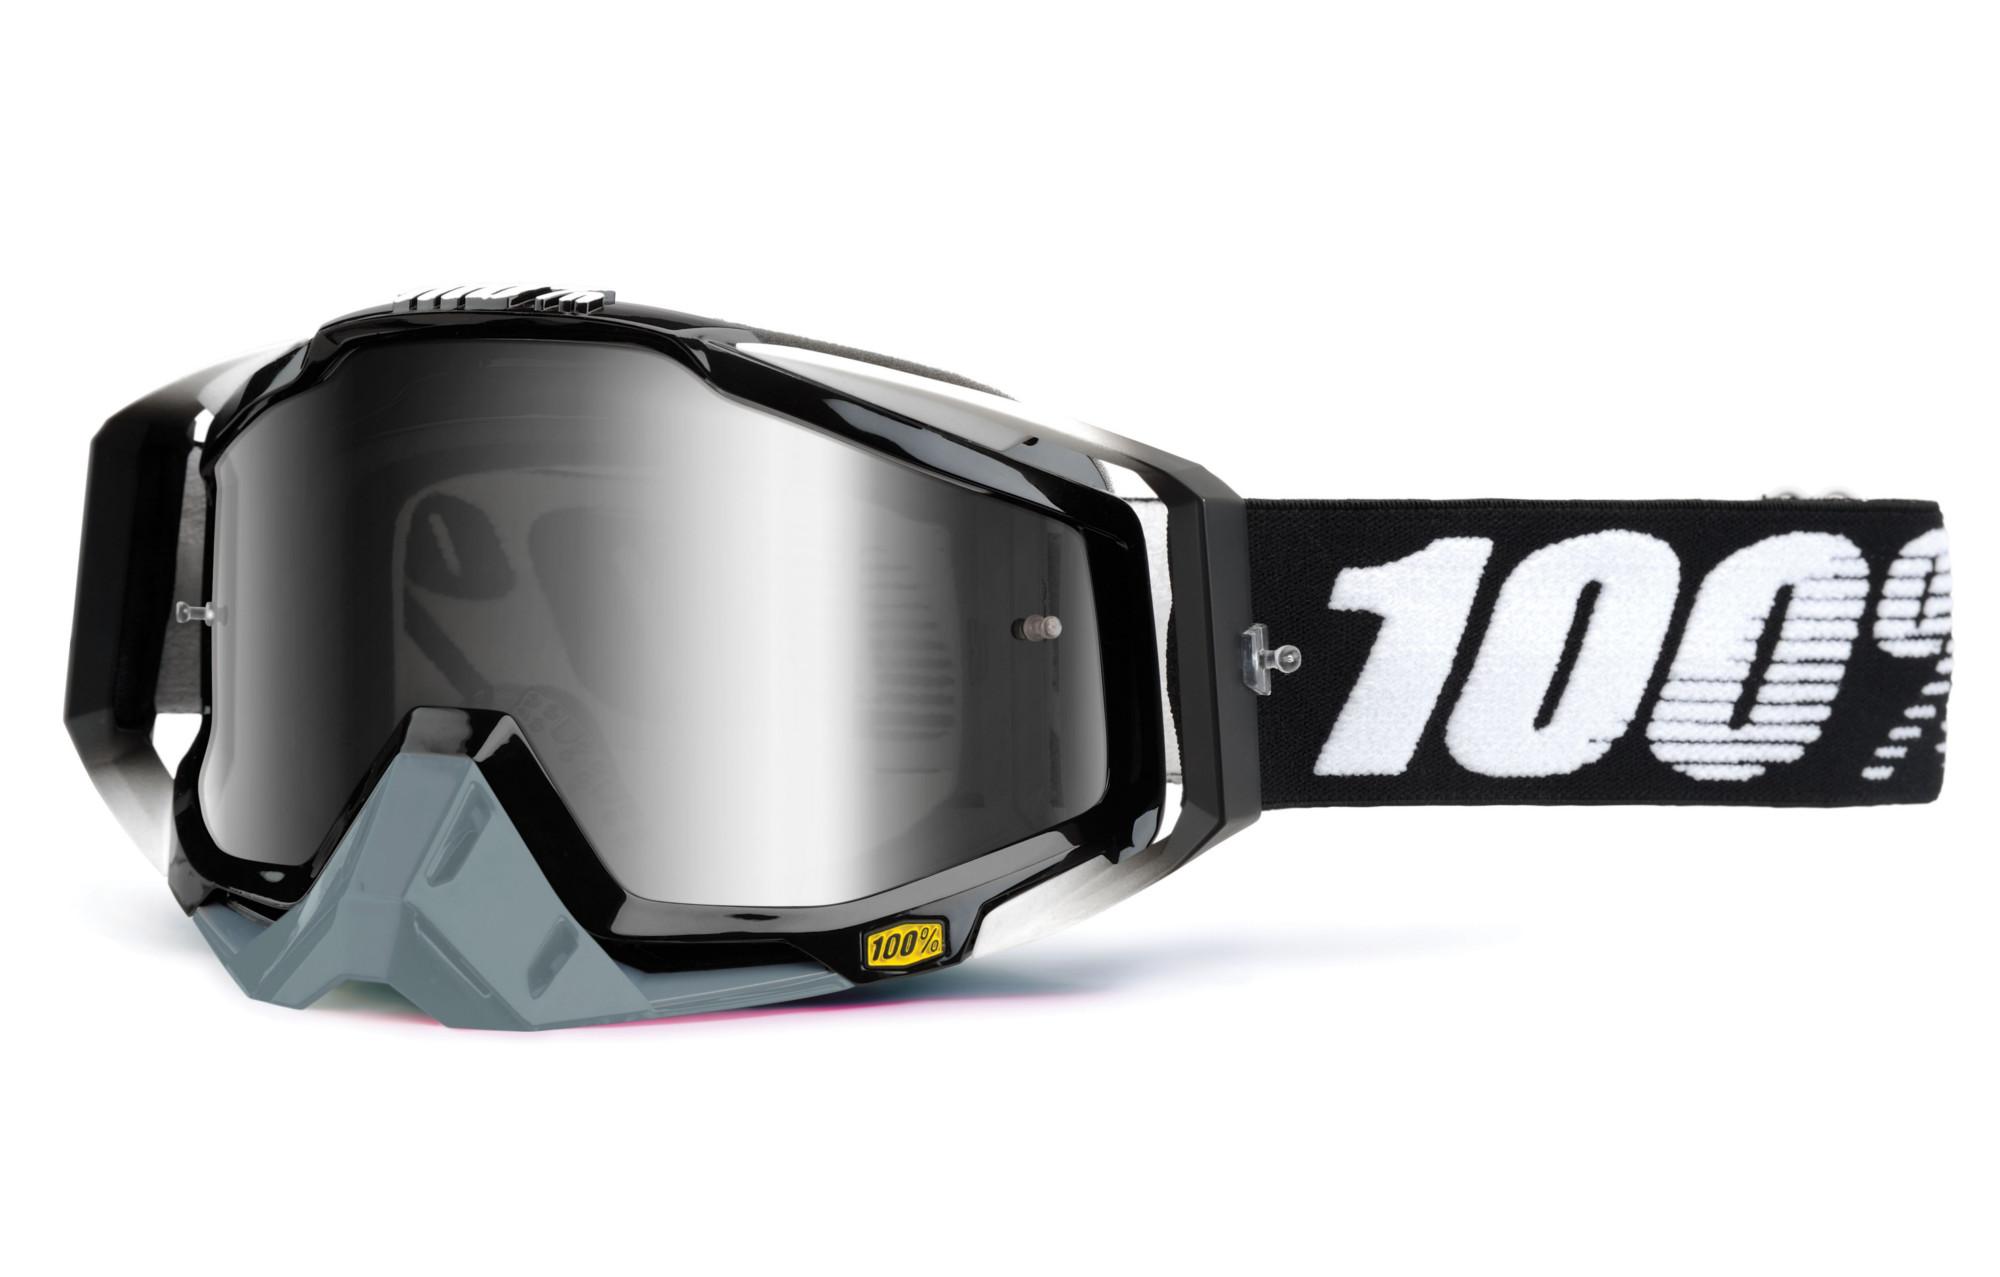 100 racecraft abyss goggle schwarzer rahmen spiegel. Black Bedroom Furniture Sets. Home Design Ideas